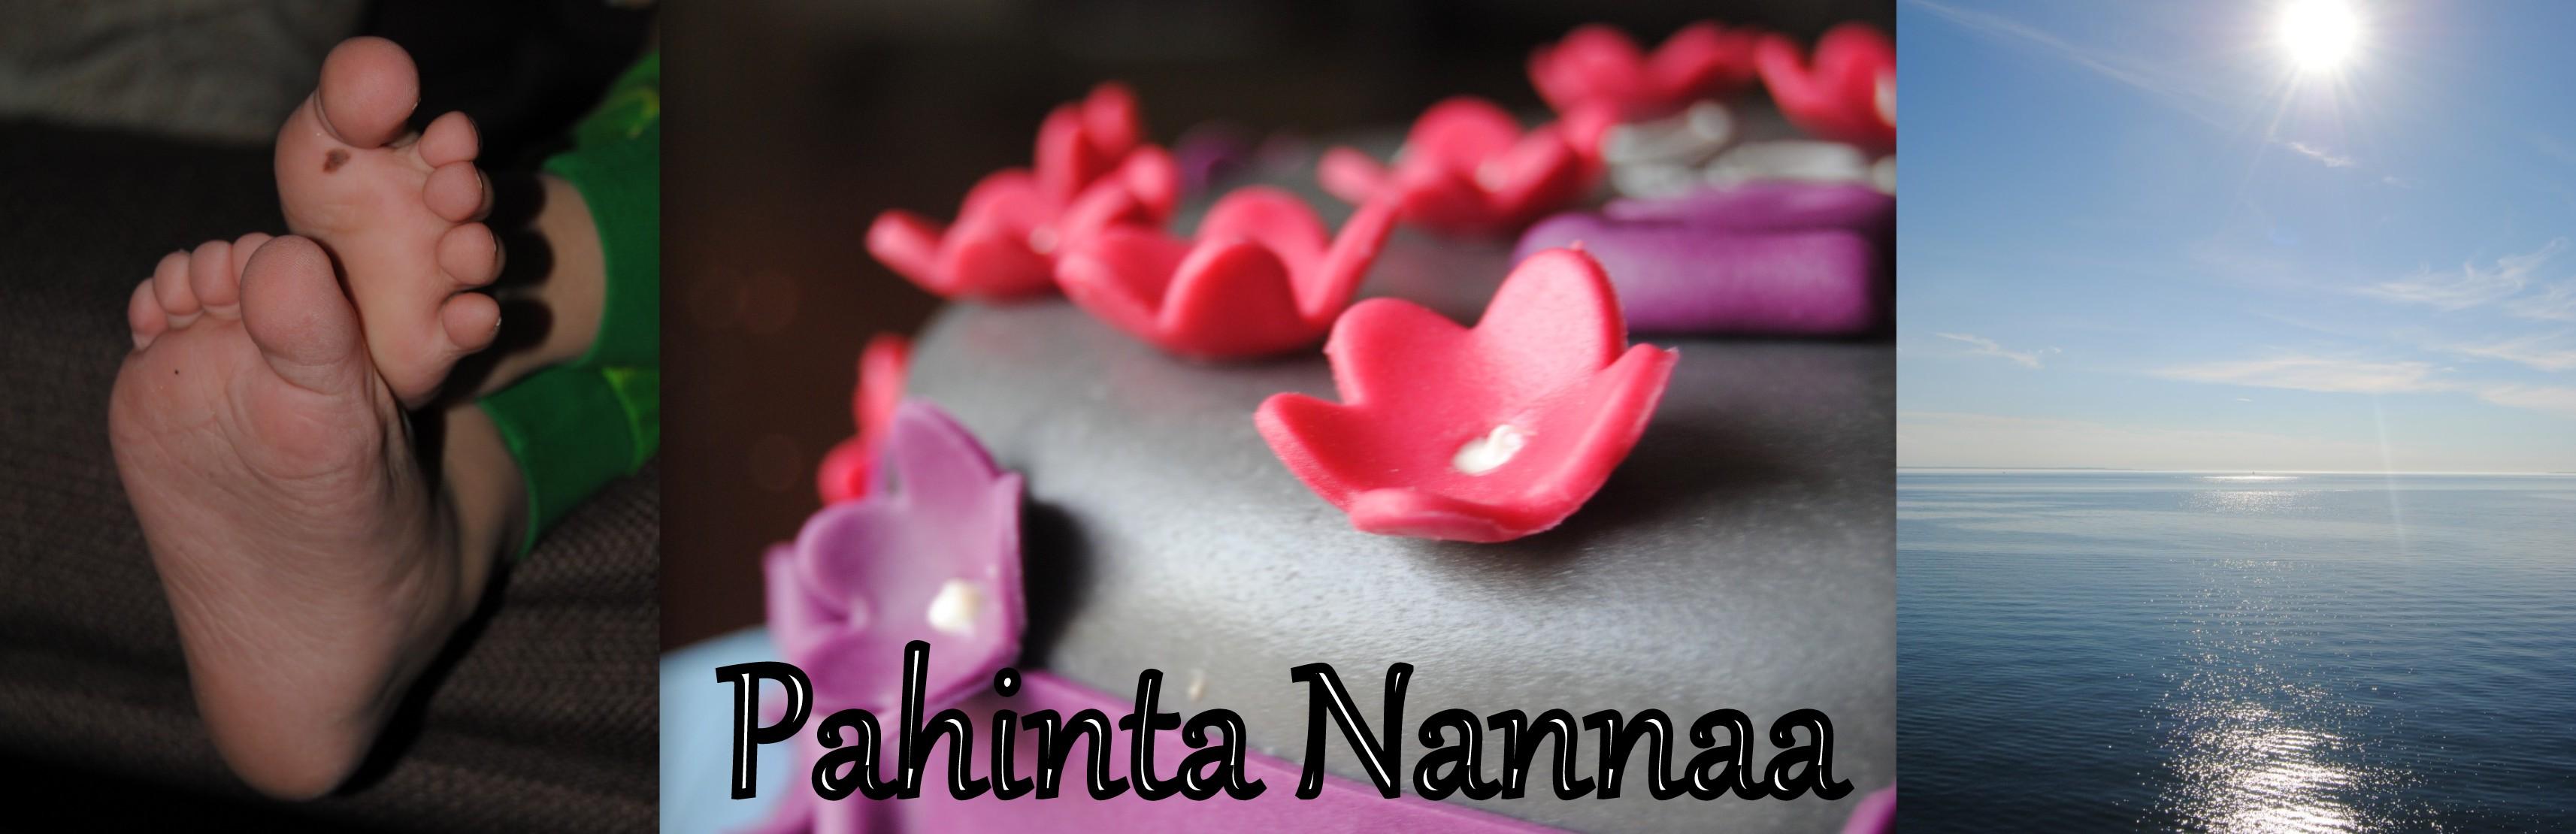 Pahinta Nannaa